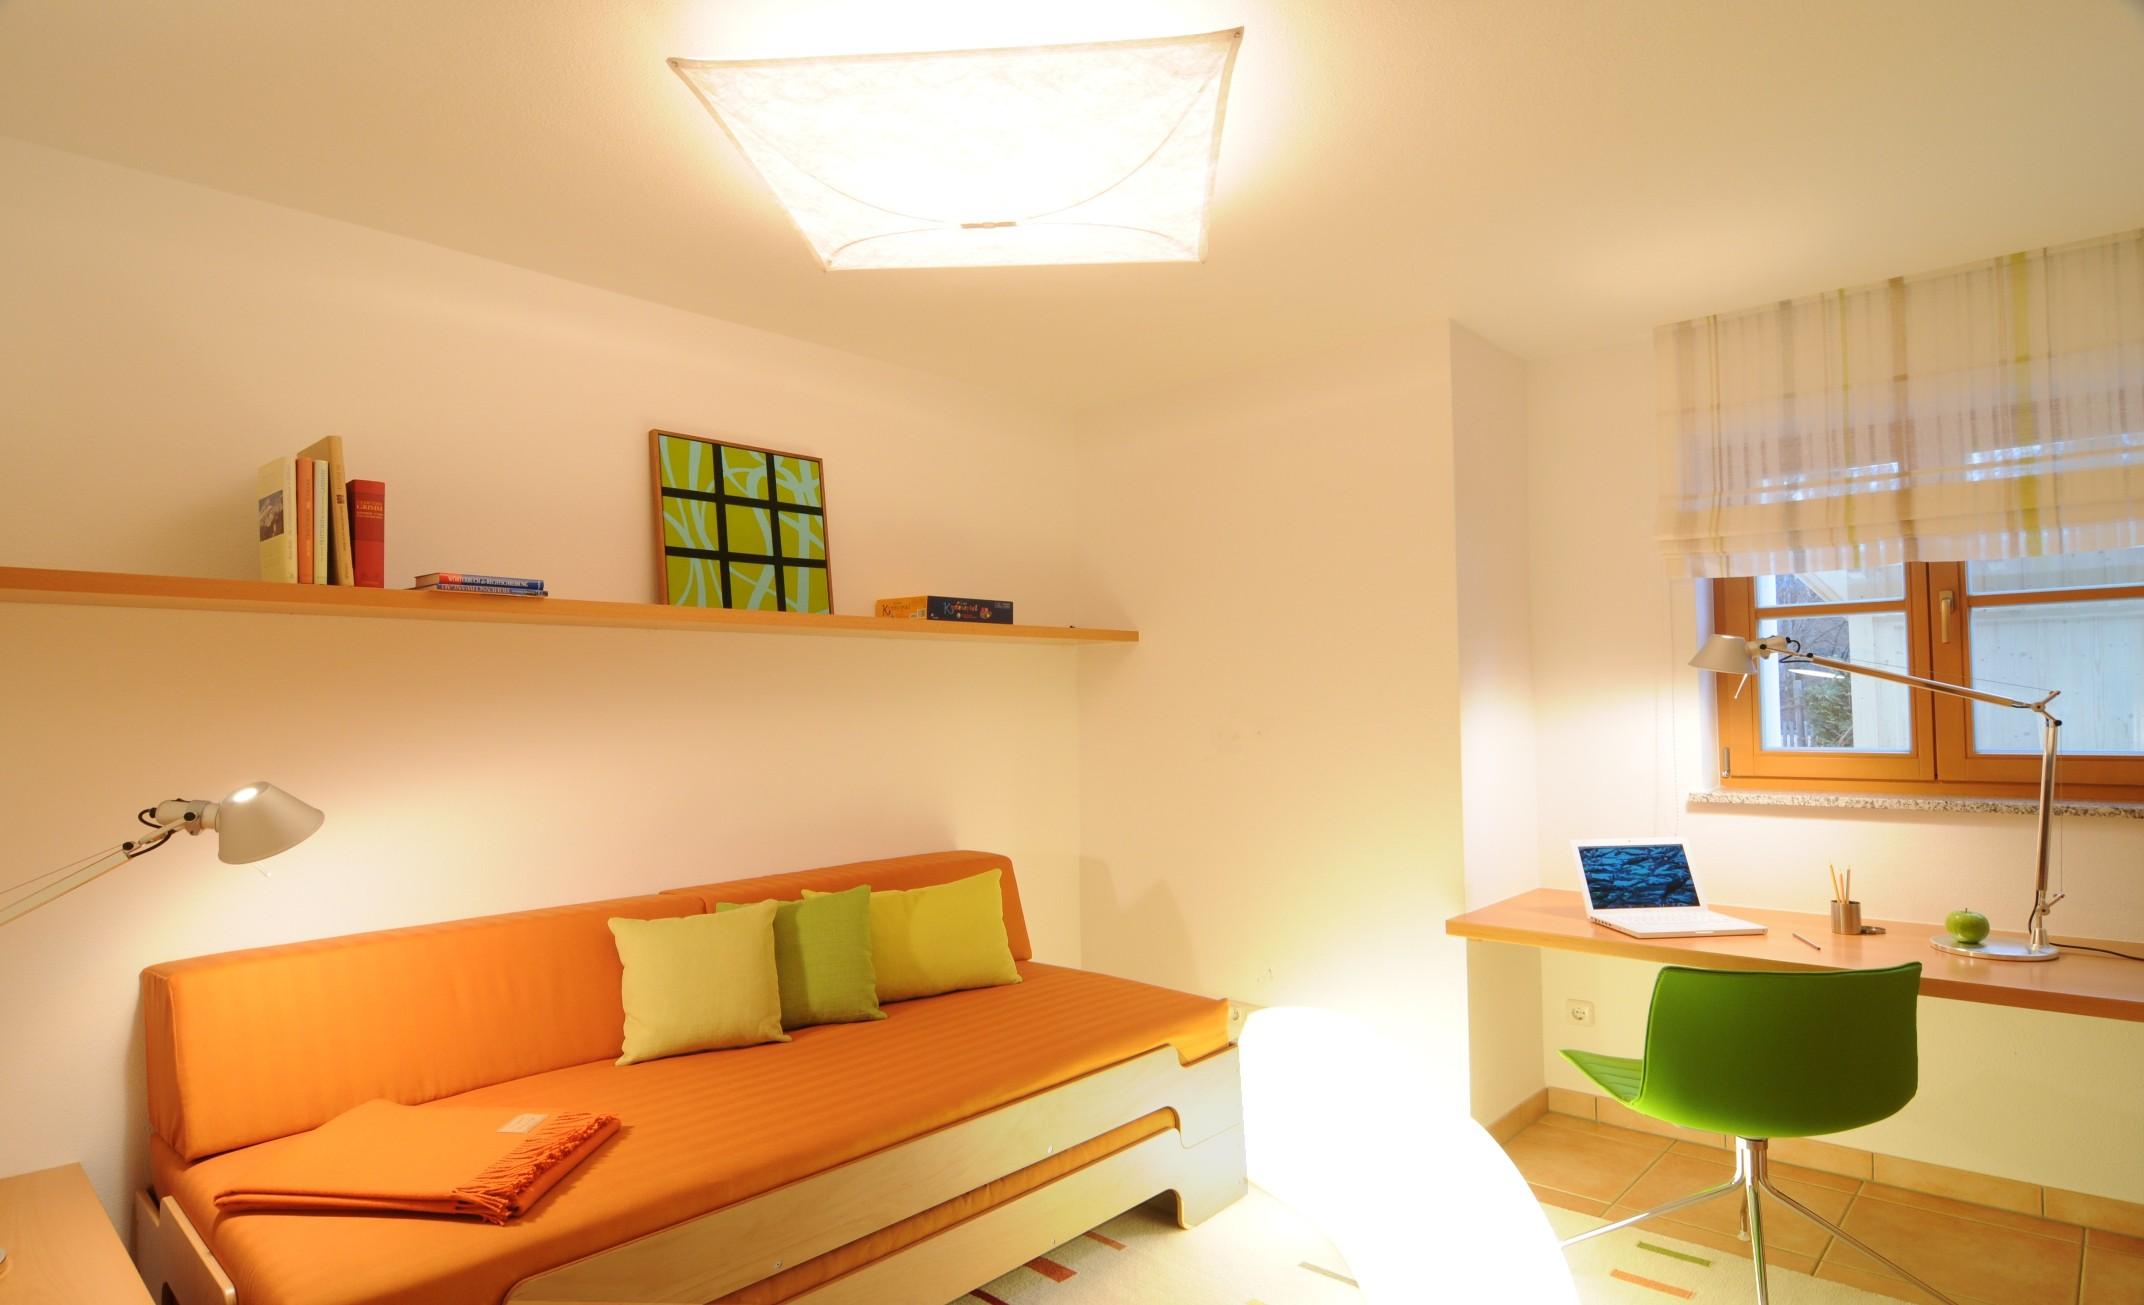 Deko idee wohnzimmer eiche bianco for Kinderzimmer querklappbett